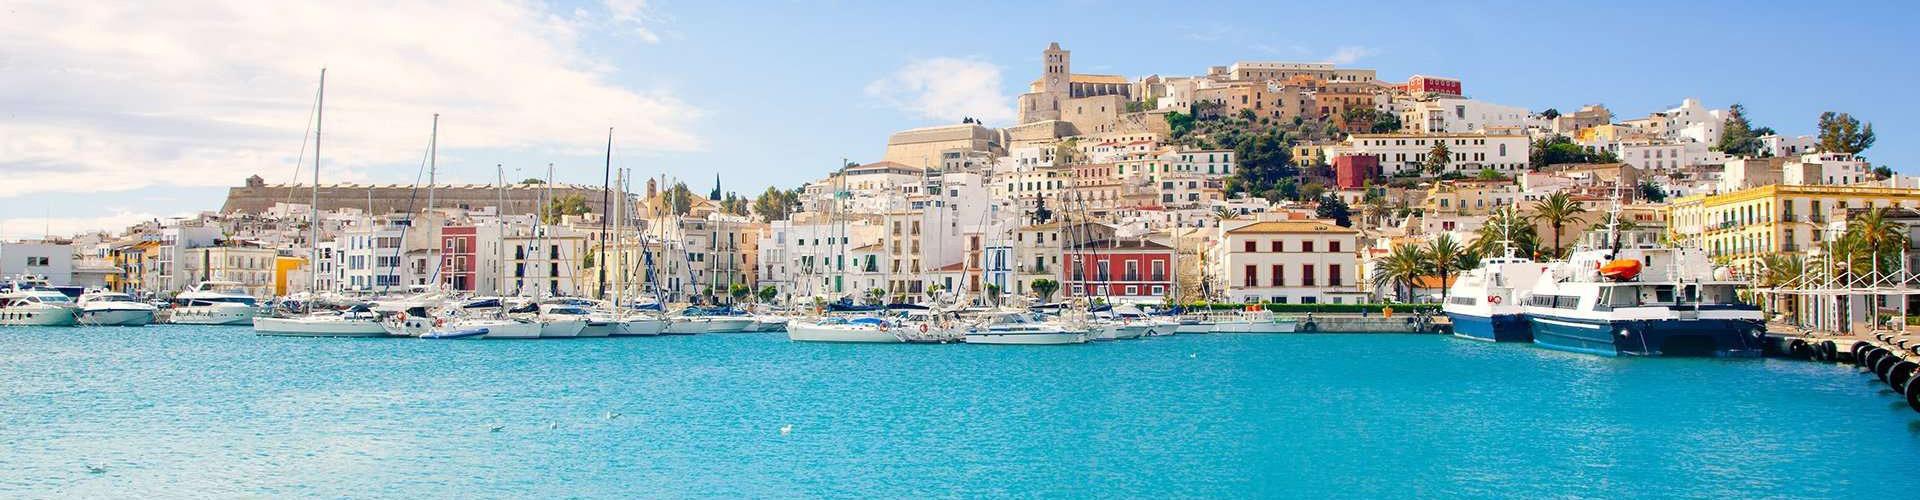 Hiszpańskie Wybrzeże Morza Śródziemnego 2